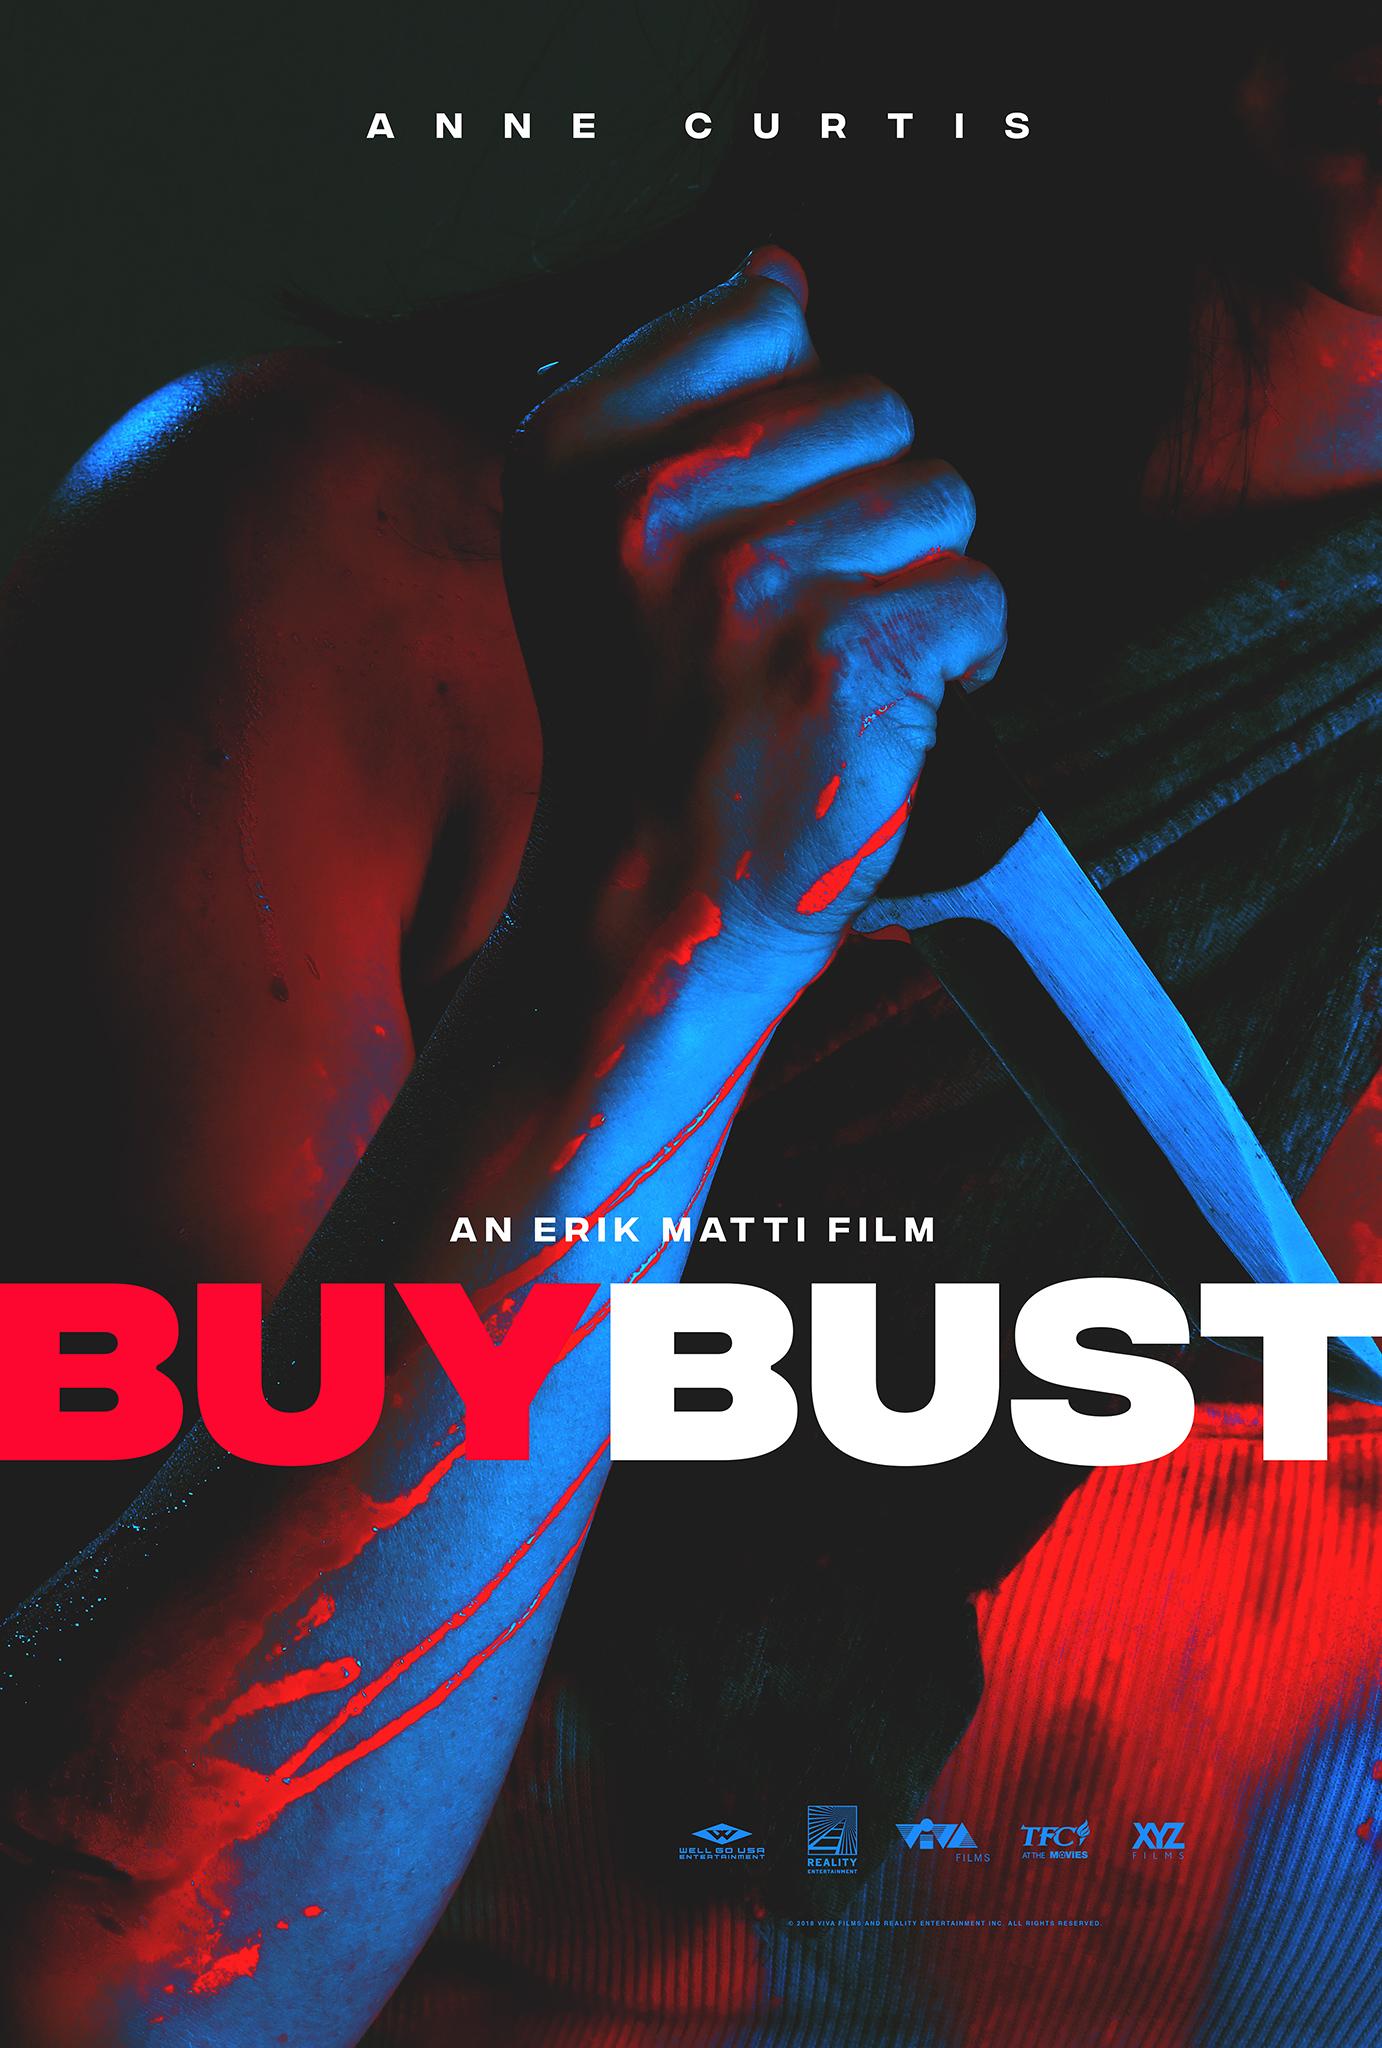 BUYBUST-teaser-1382x2048